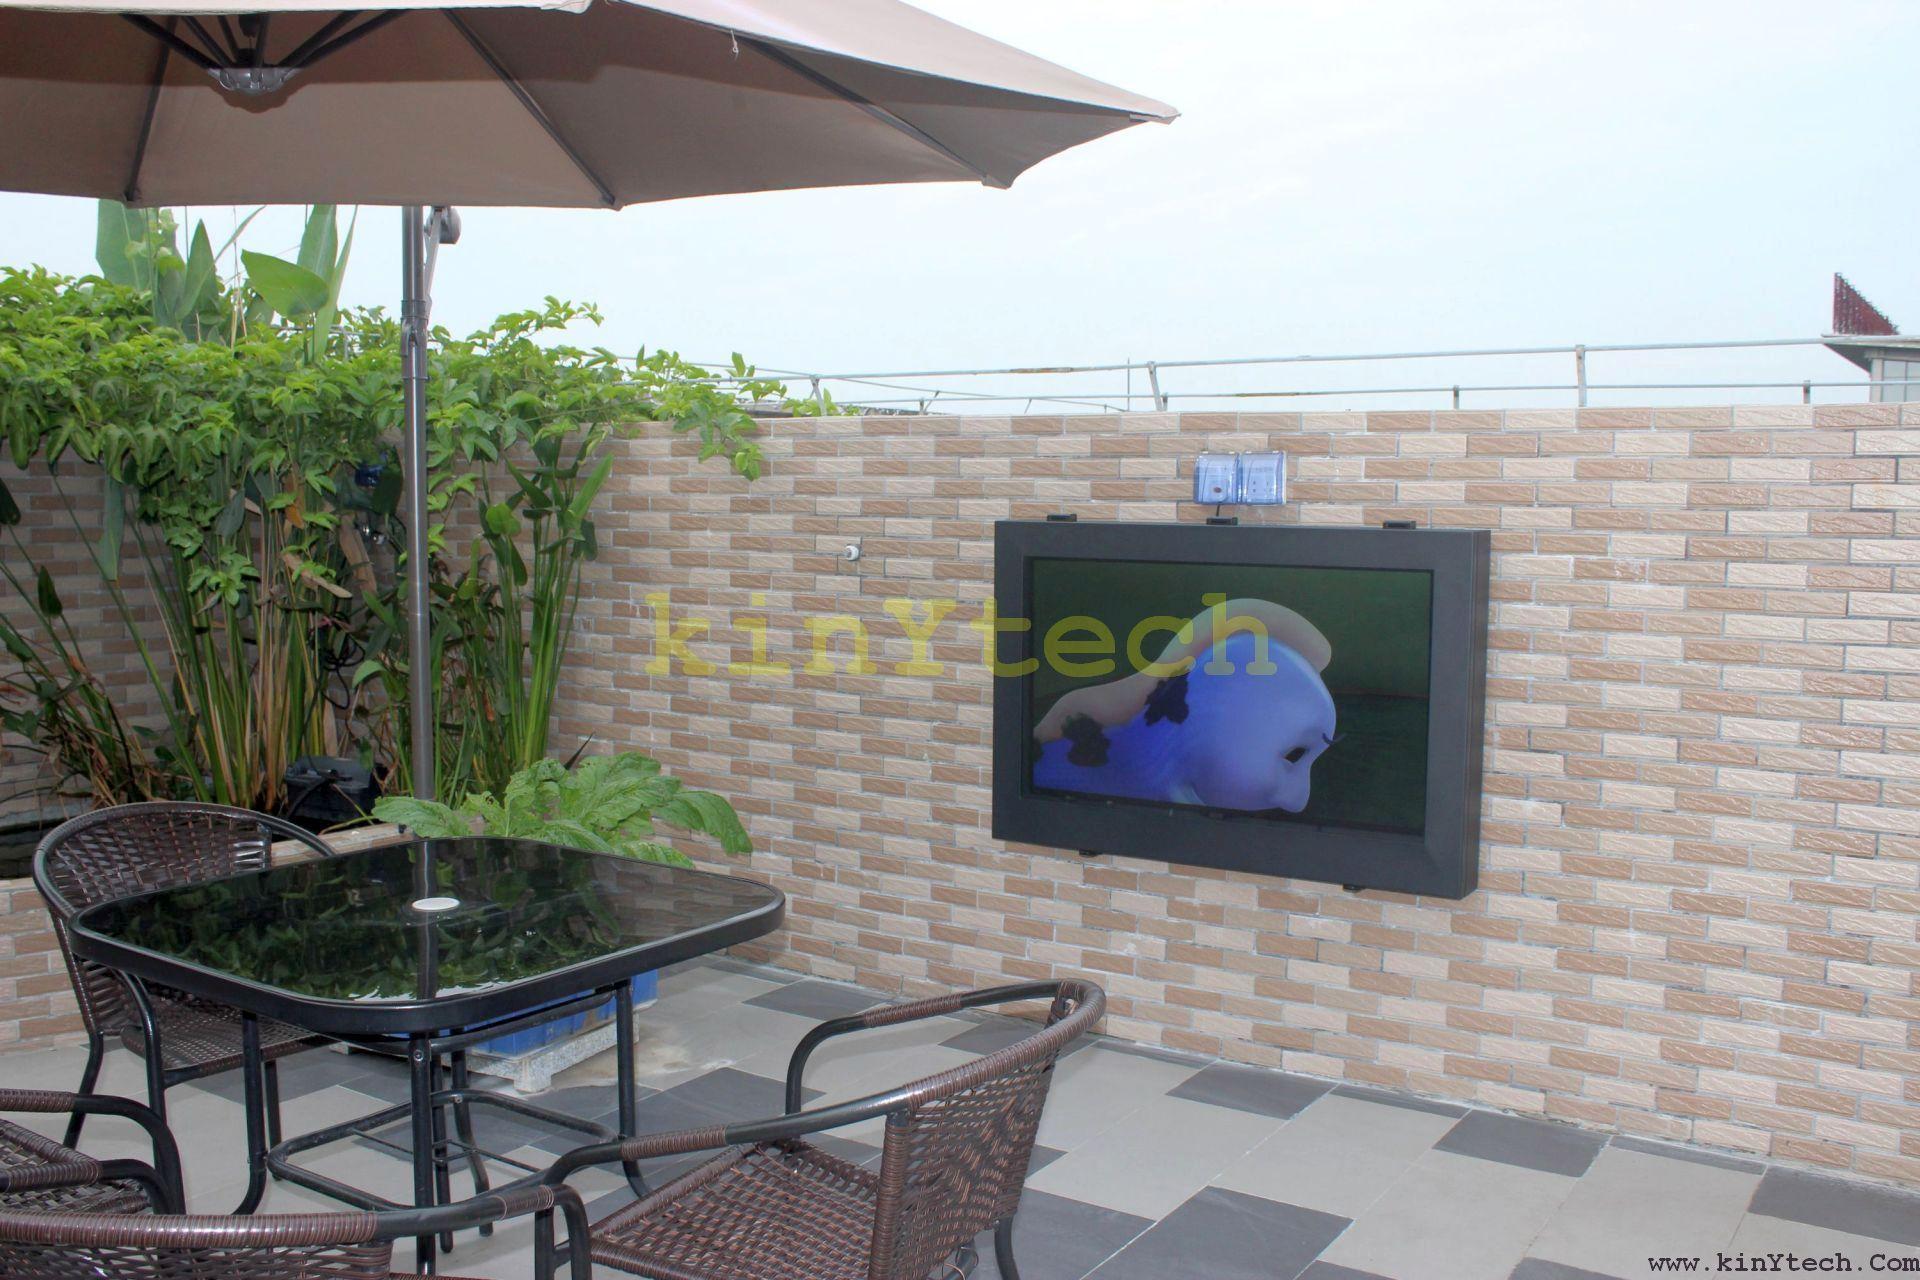 Outdoor Tv Cabinet,outdoor Tv Enclosure,outdoor Tv Mount,weatherproof Tv  Enclosure,outdoor Screen Enclosure,outdoor Tv Case,outdoor Tv Box,tv  Enclosure ...